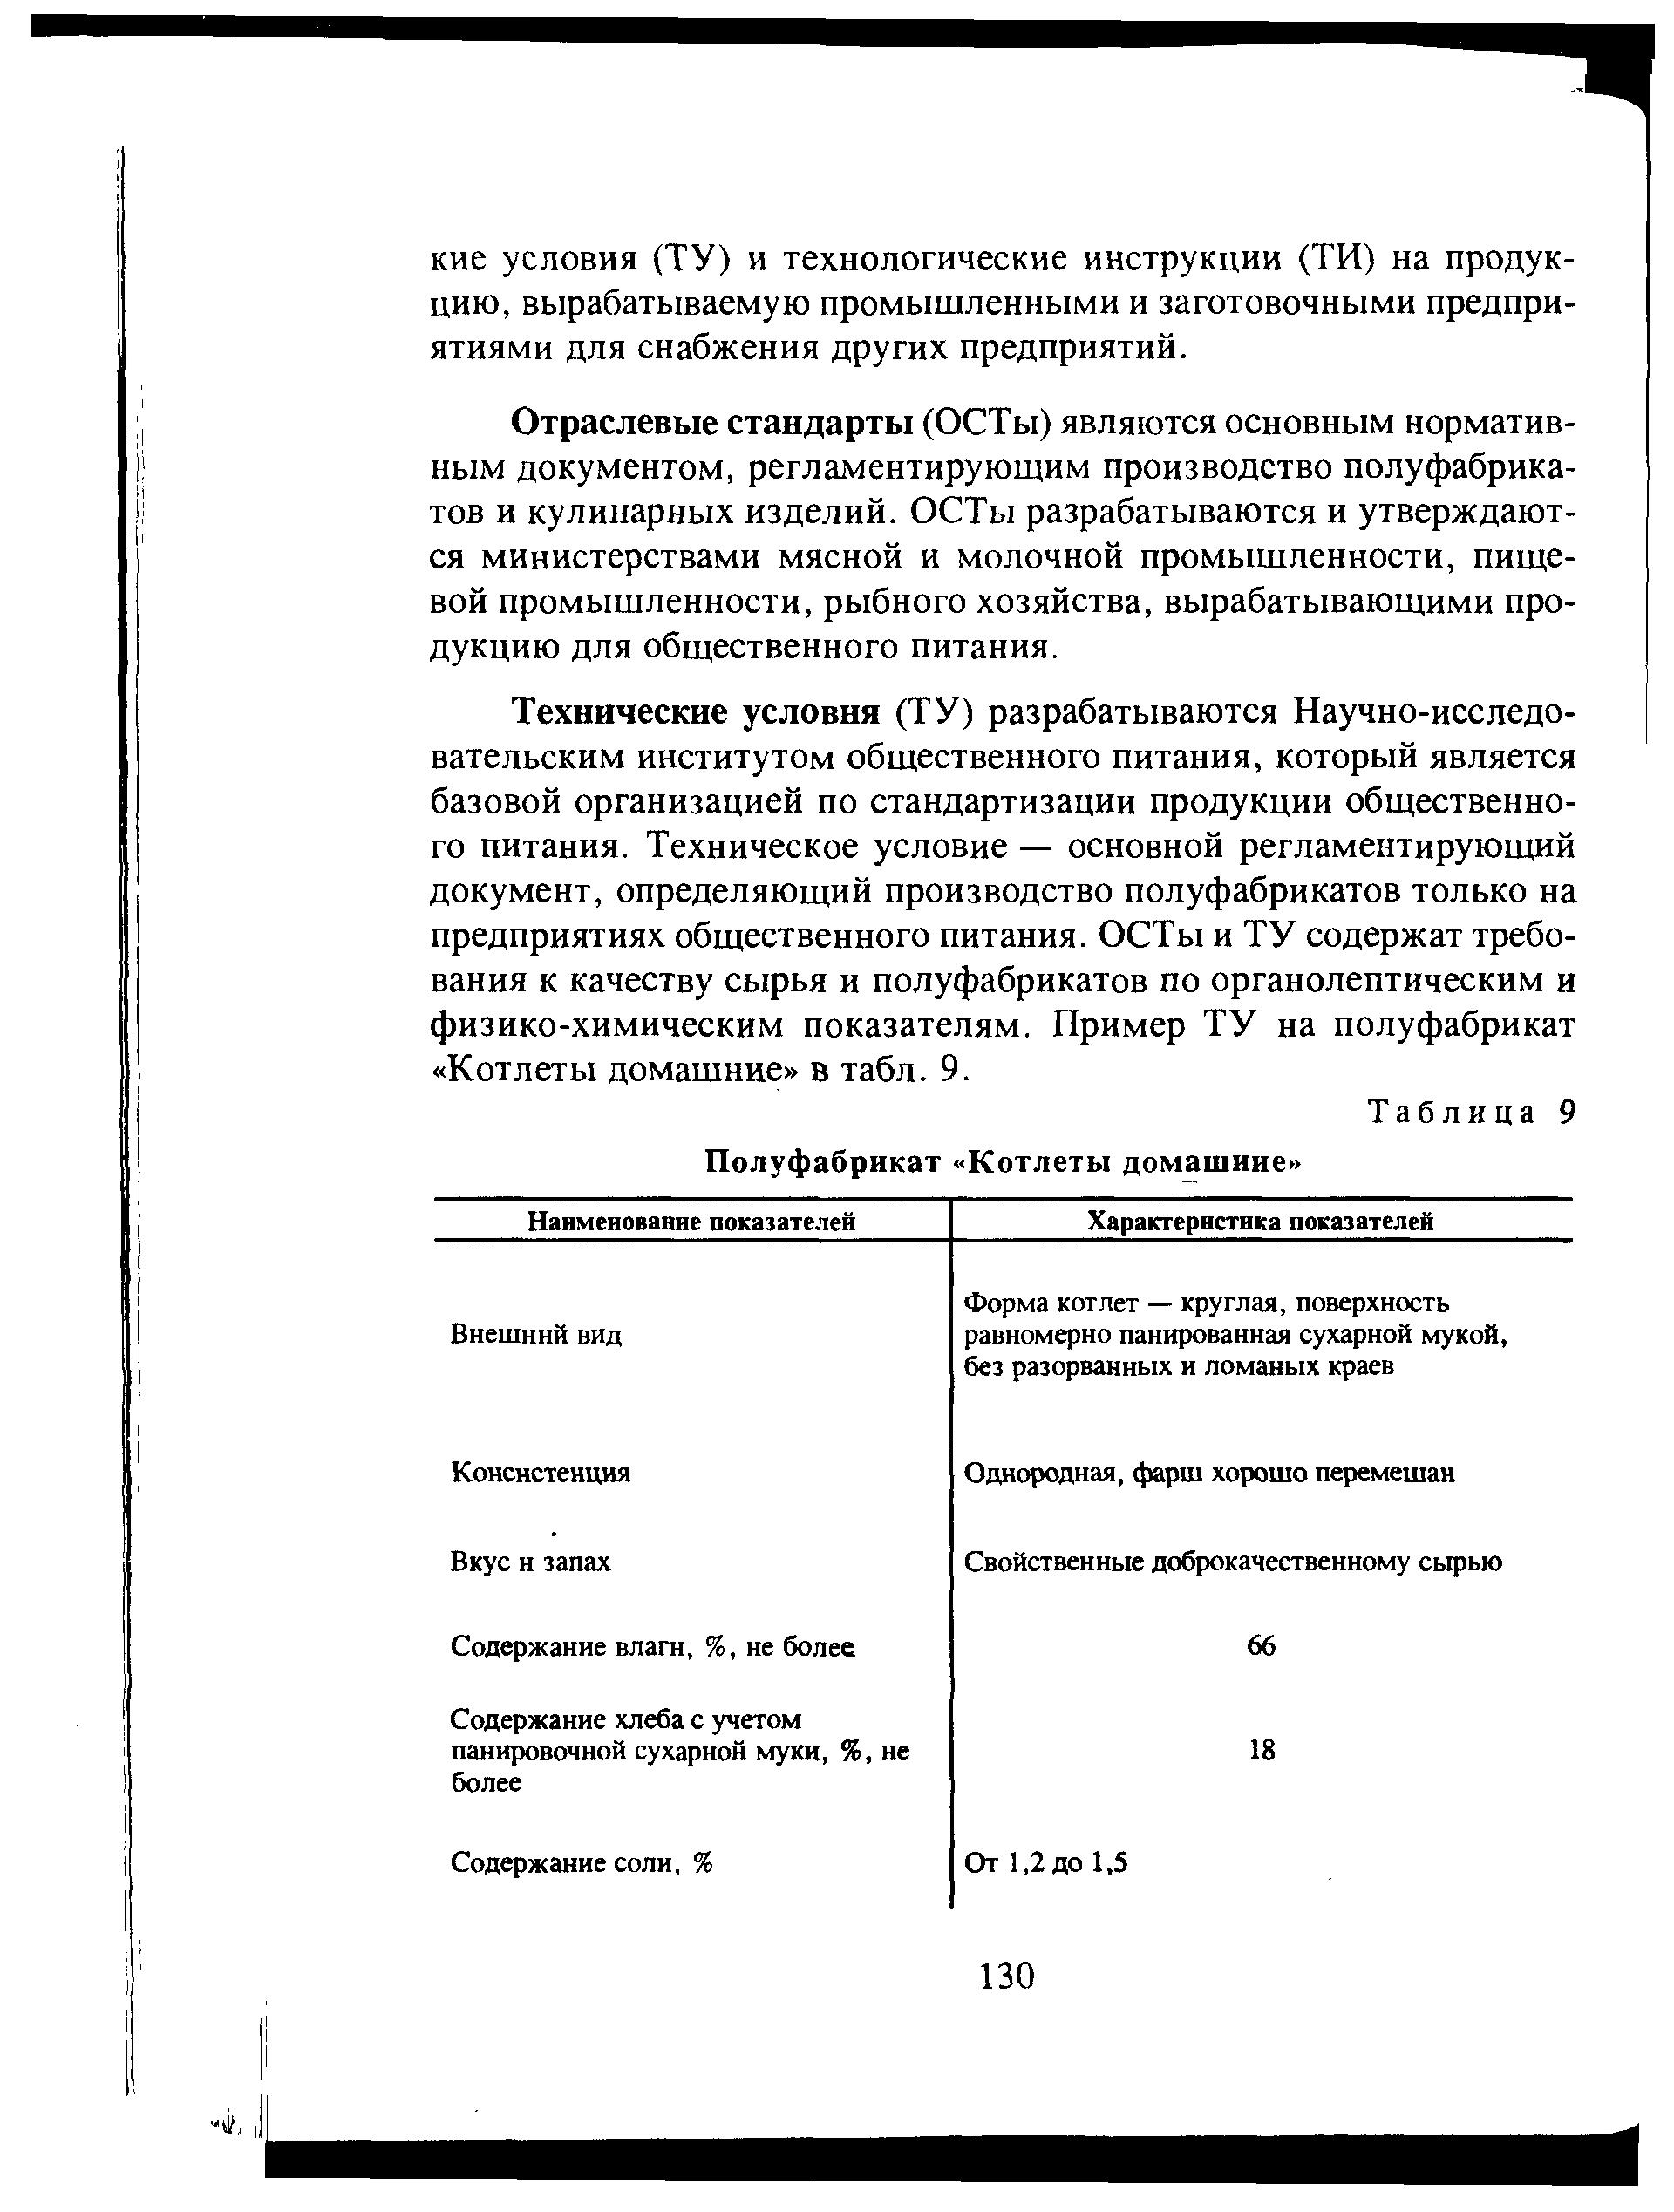 Отраслевая инструкция химического предприятия